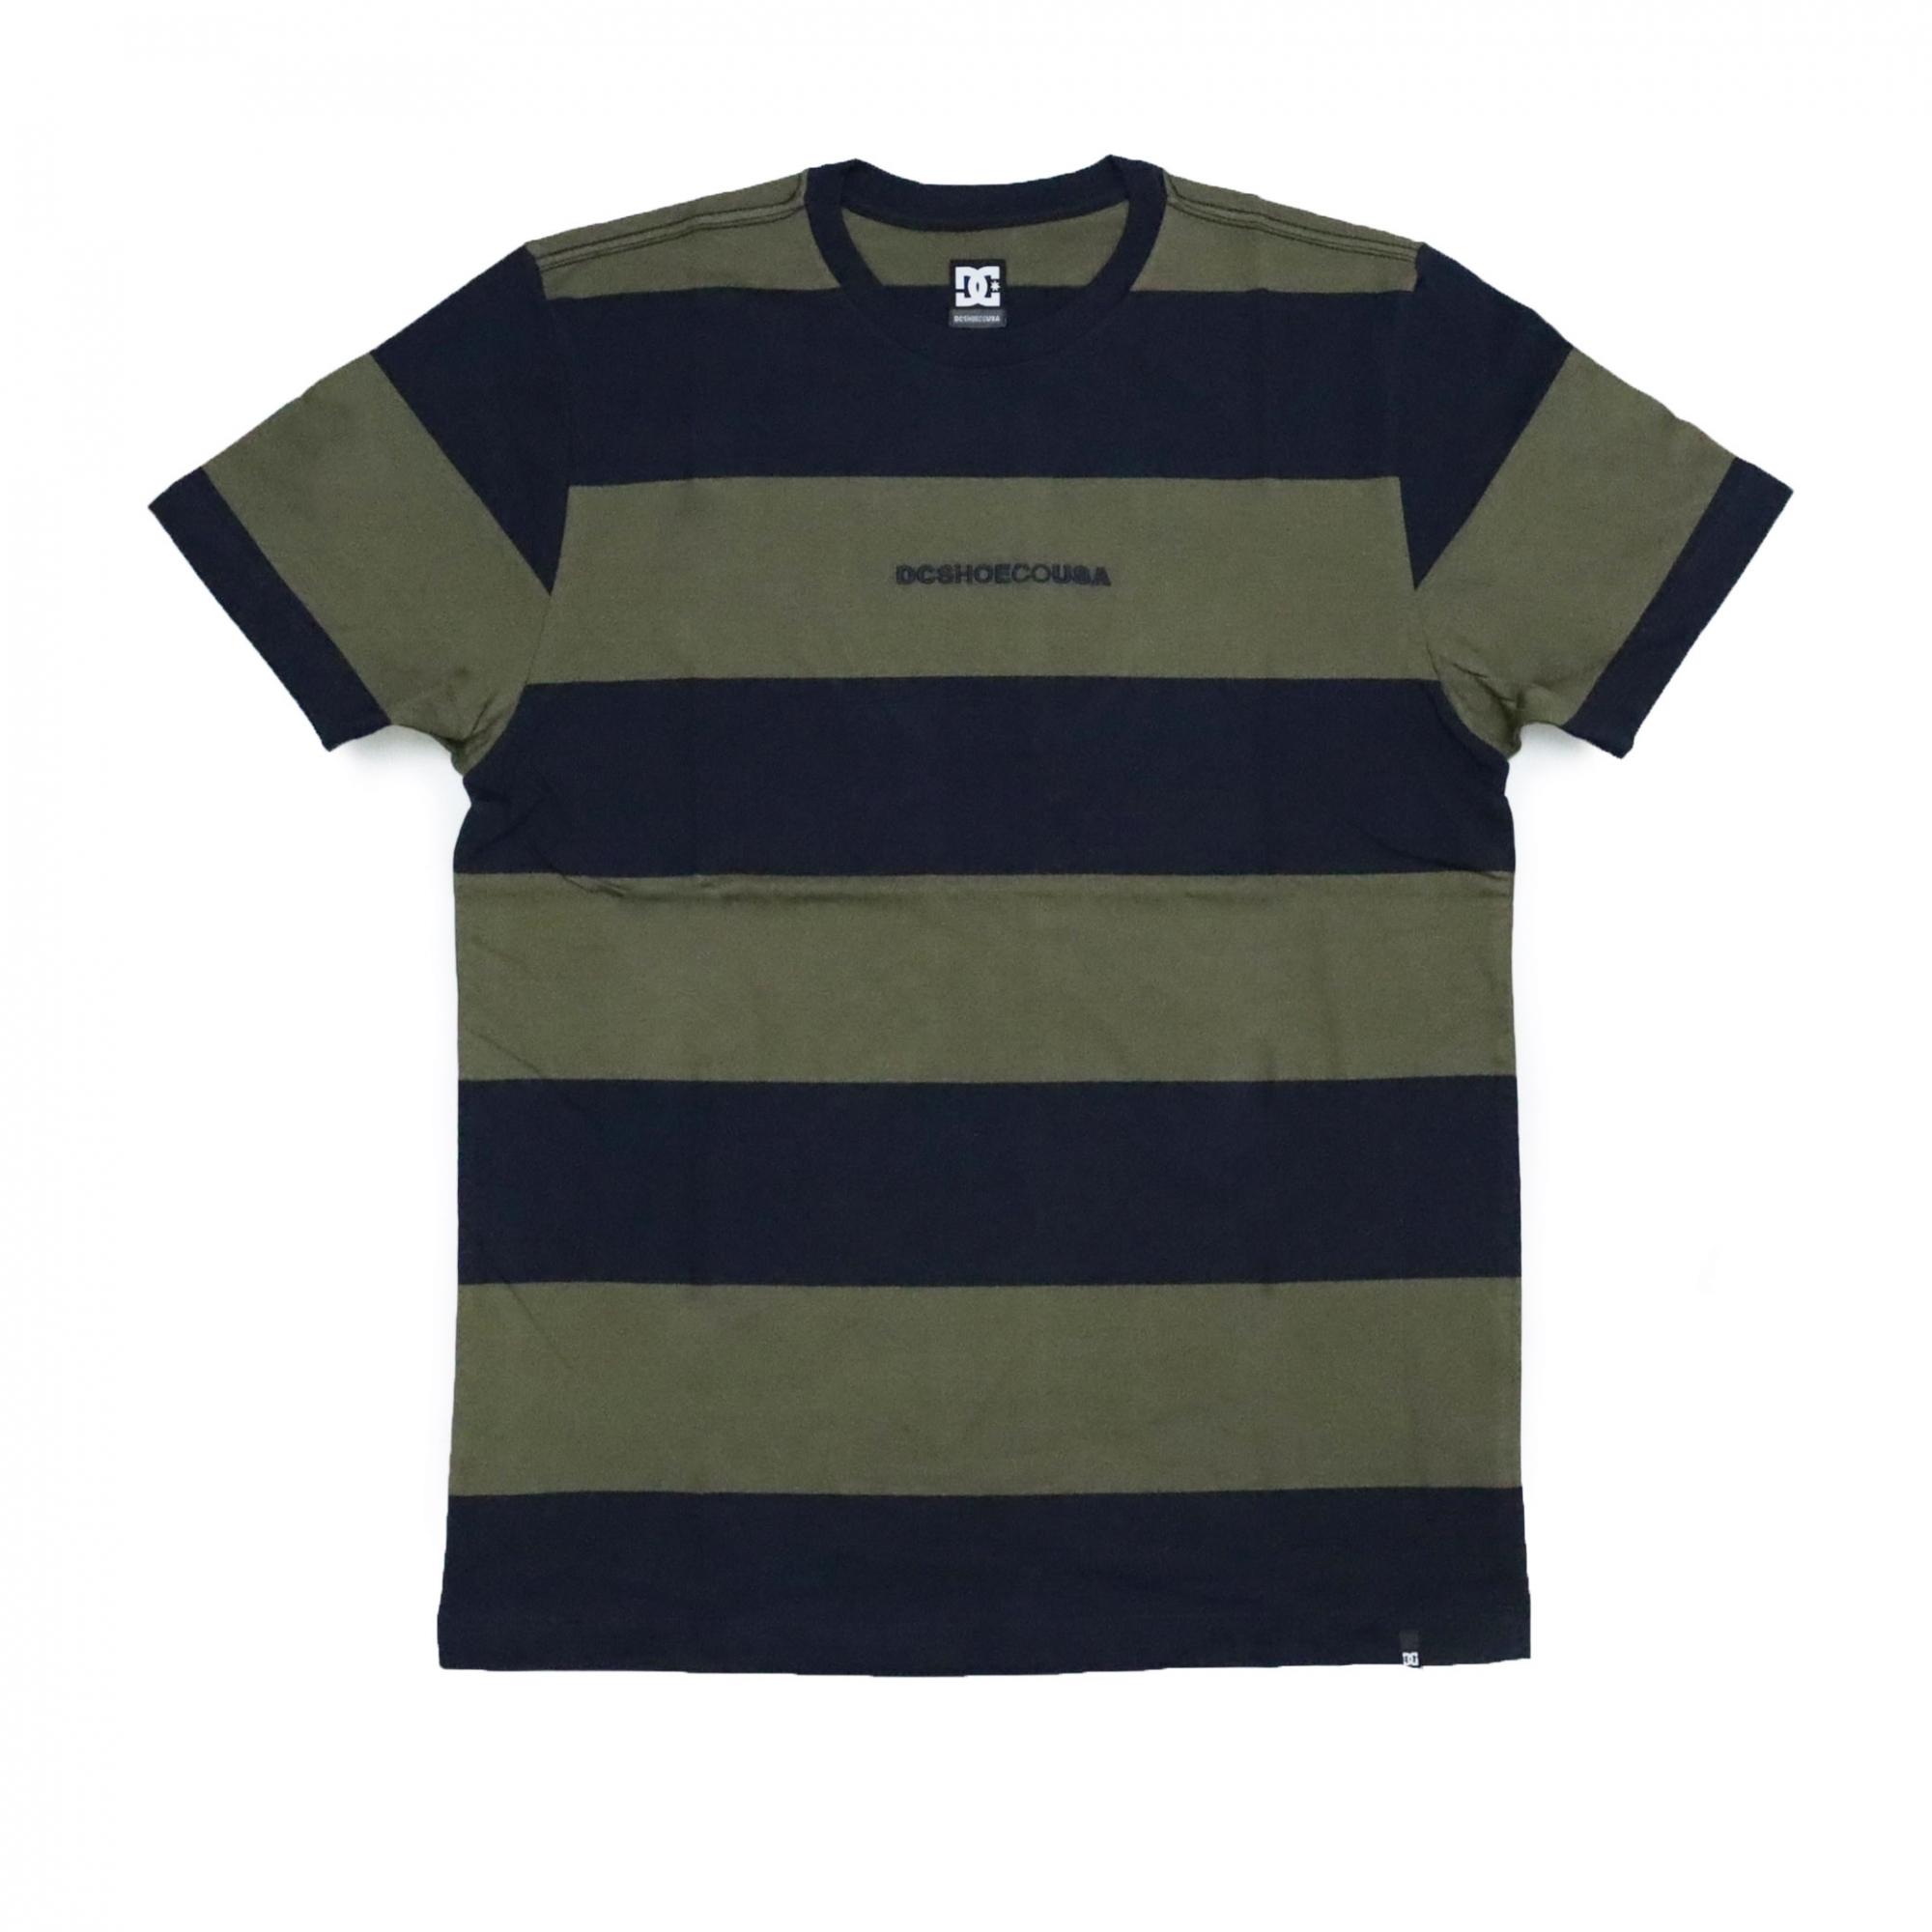 Camiseta DC Shoes Uptown Stripe - Verde/Azul Marinho